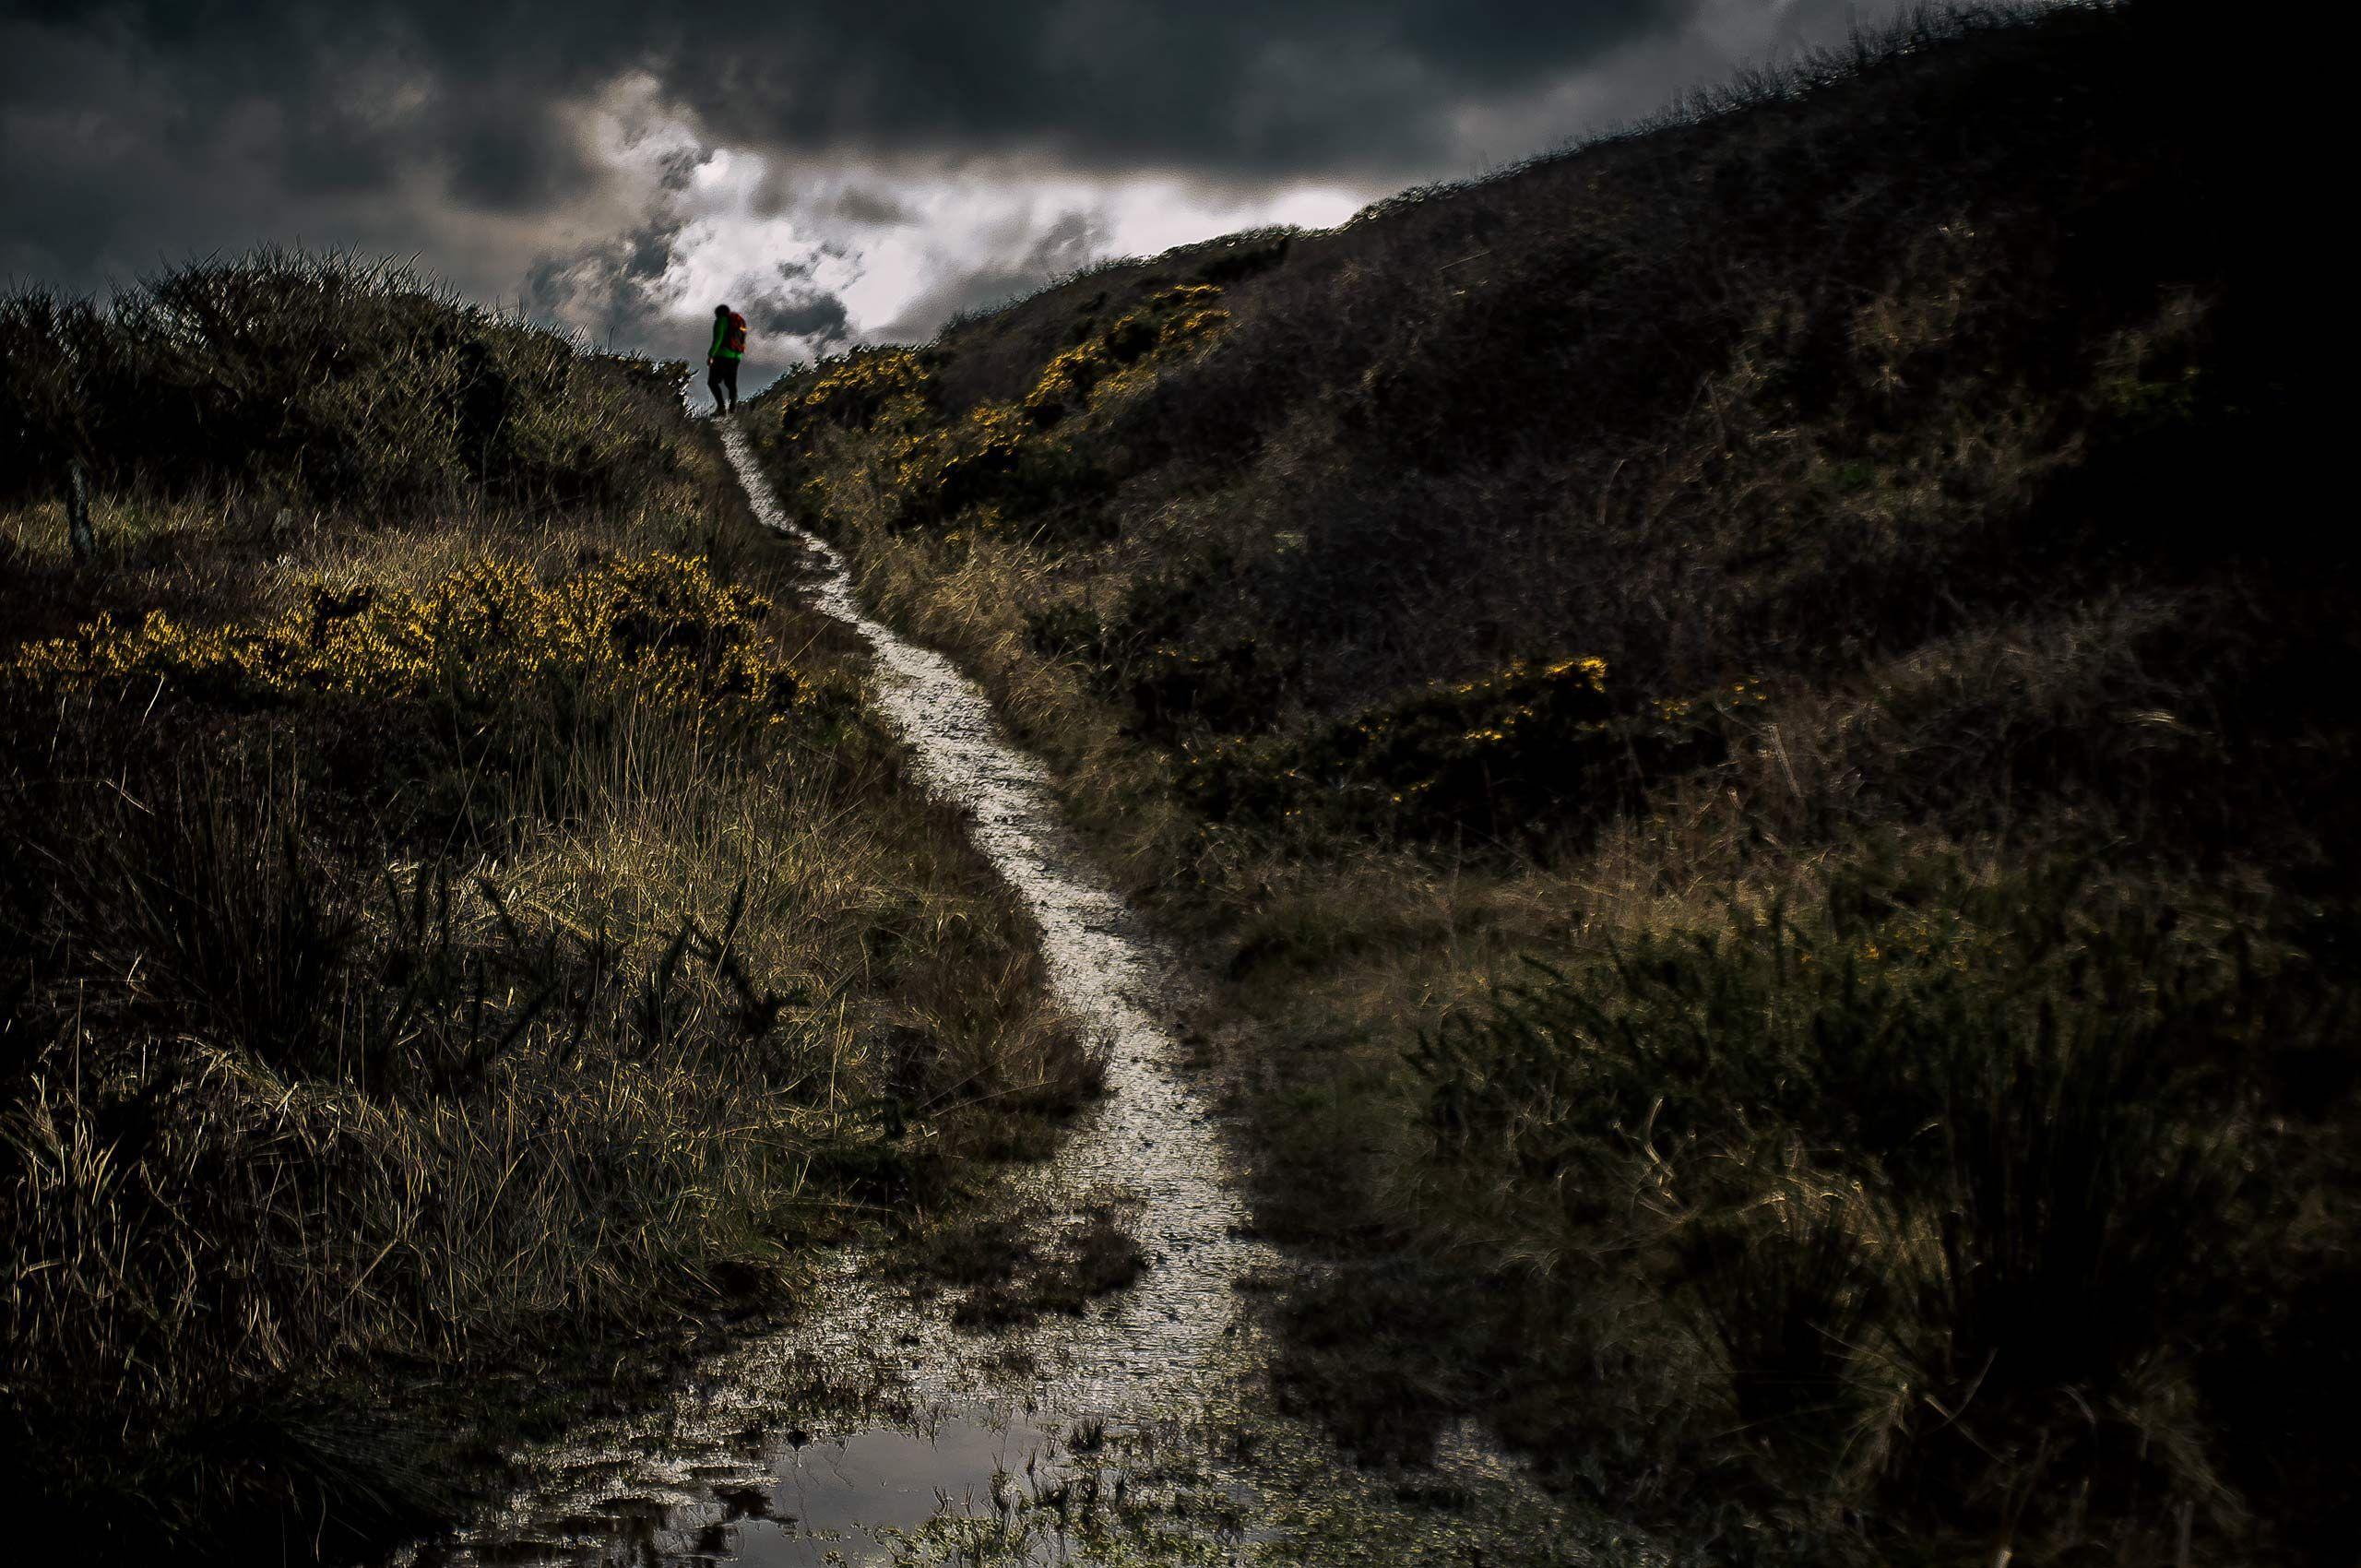 Wet_Dorset_Walker.jpg